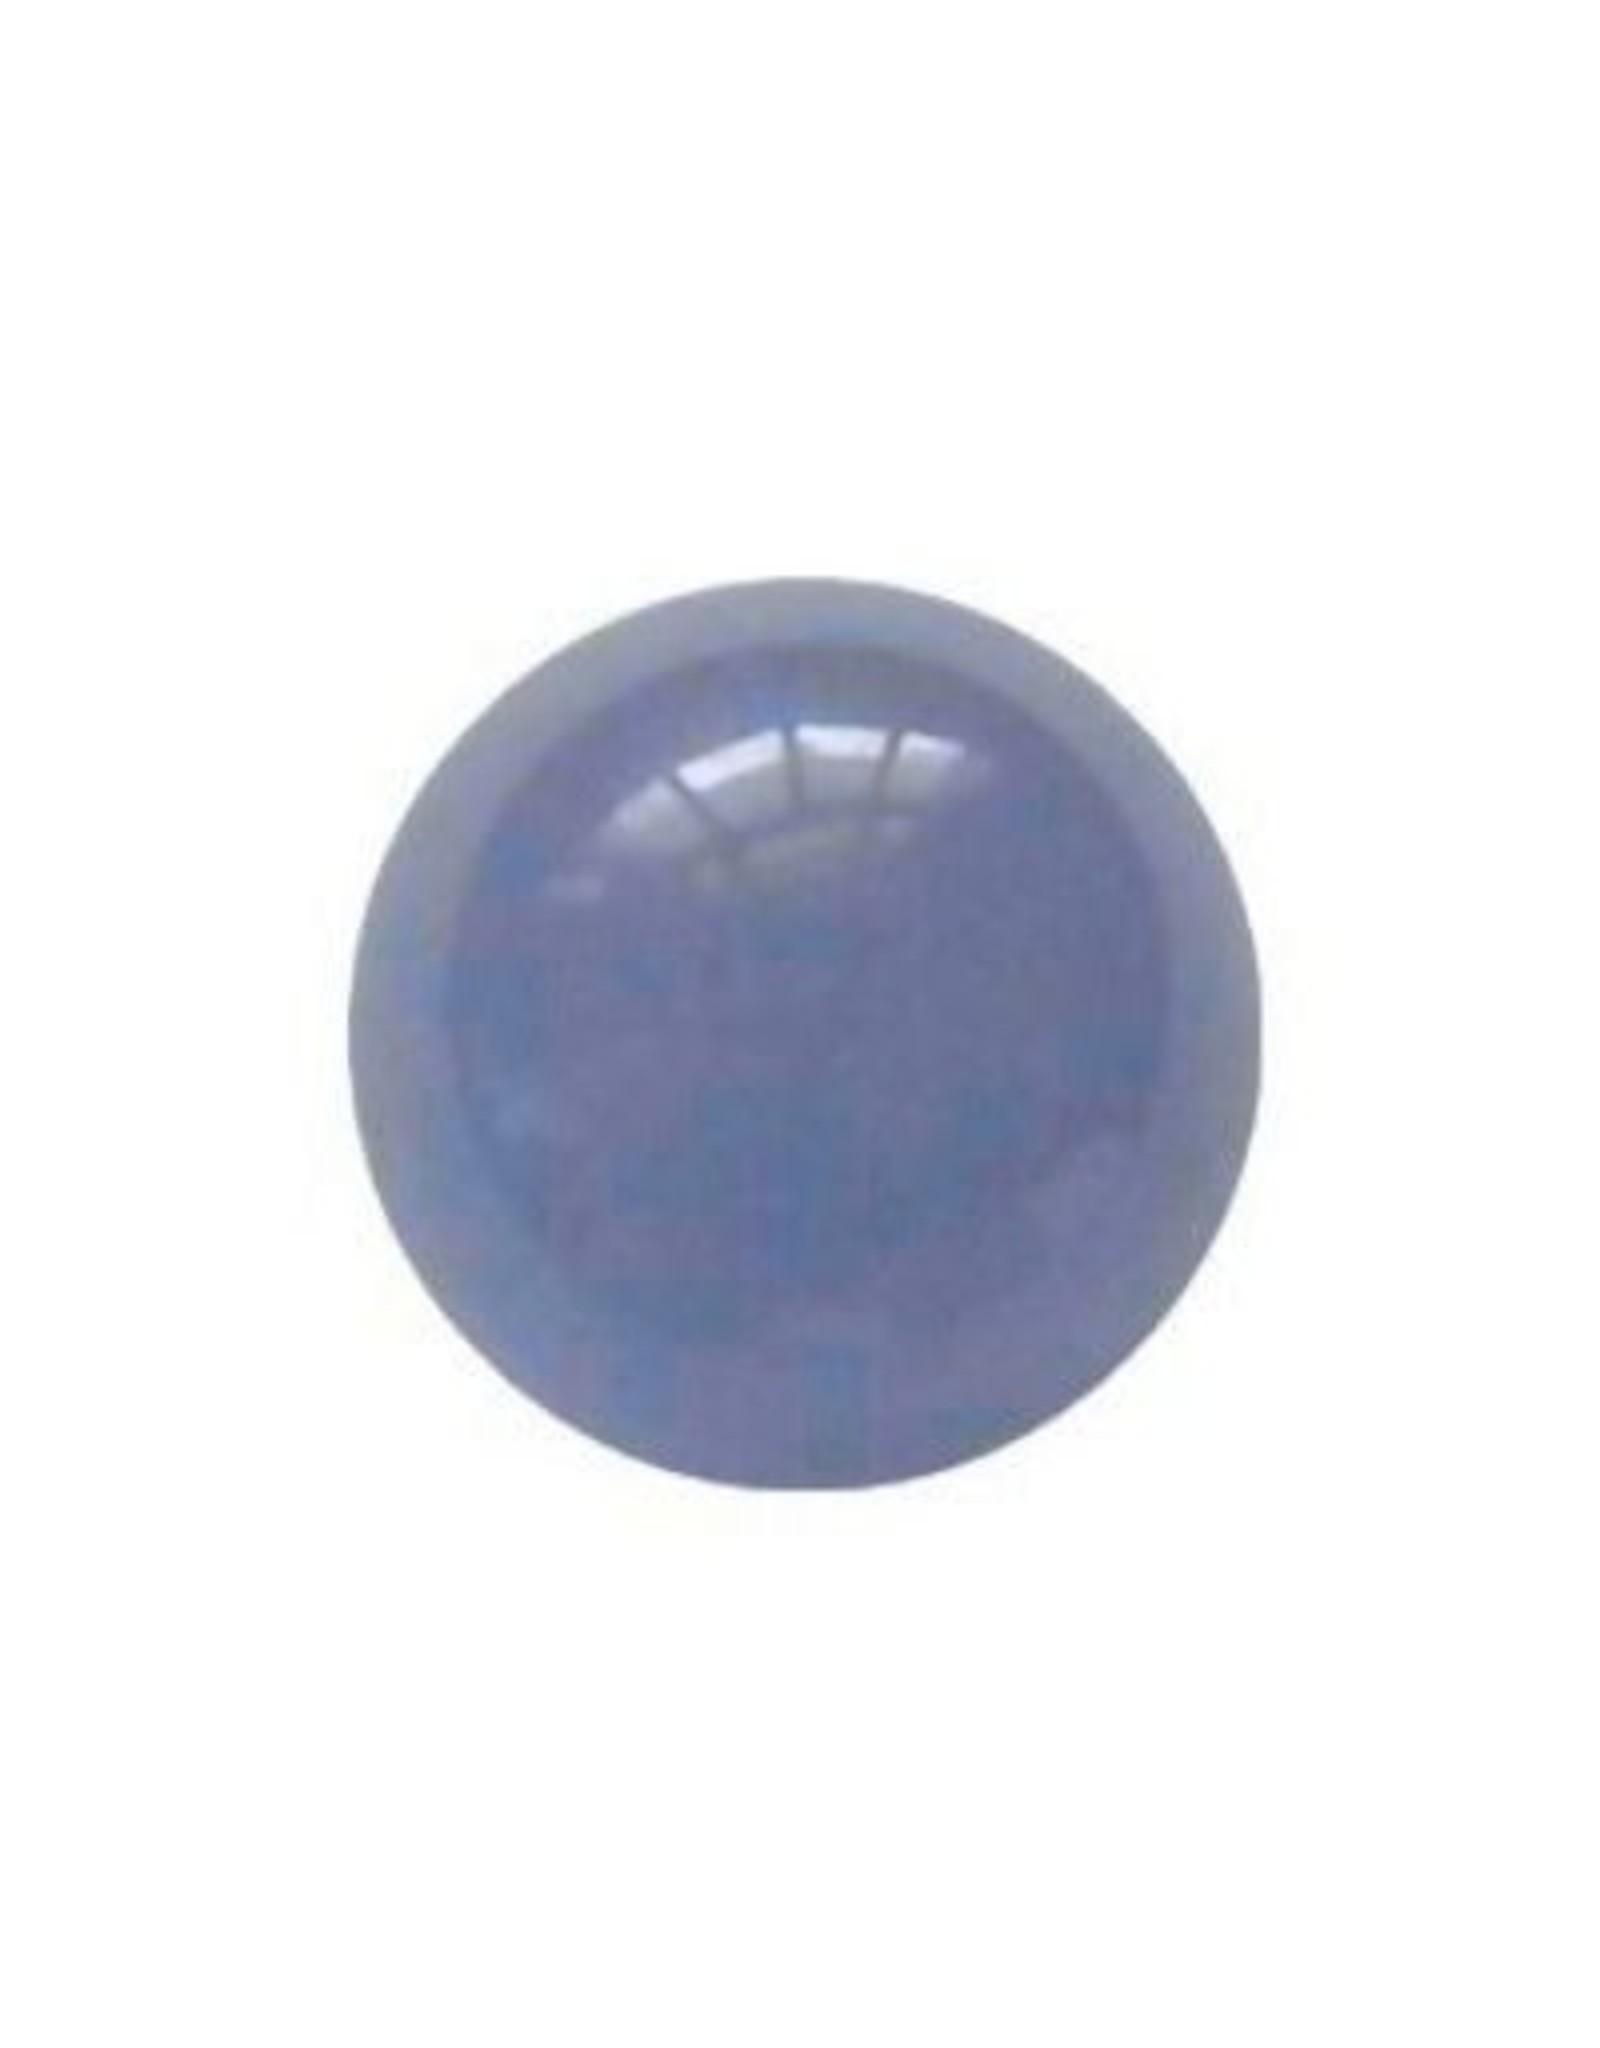 Wisselsteen Agaat blauw 12 mm